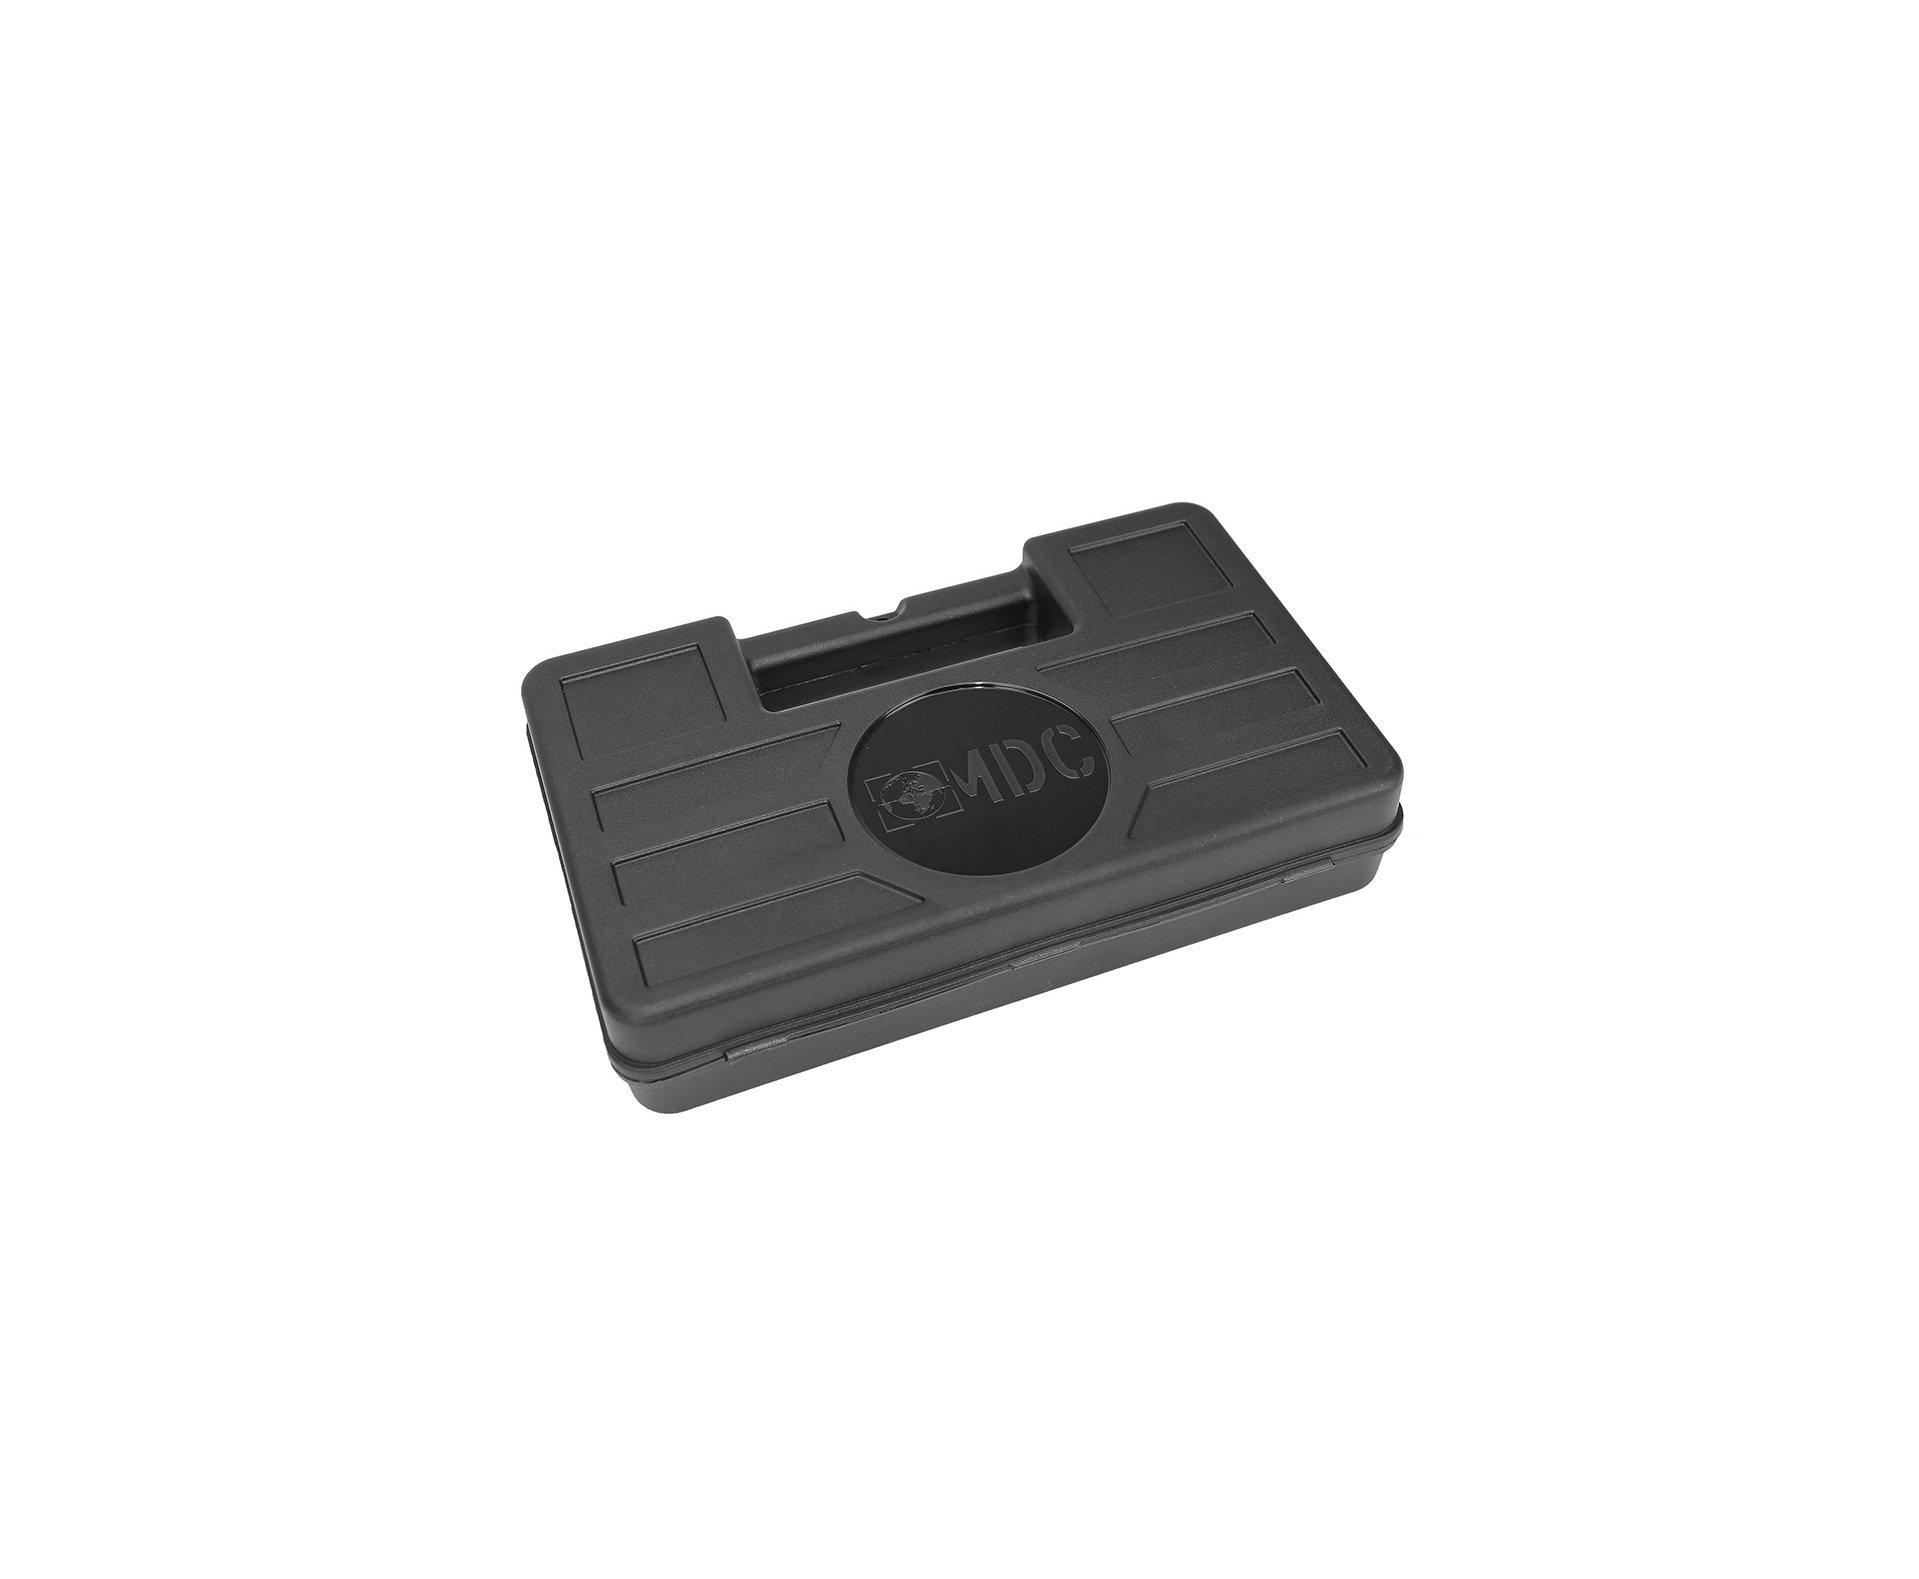 Pistola De Pressão Sig Sauer P226 Mola Slide Metal Cal 4,5mm + 02 Esferas Metal + Case - Cybergun